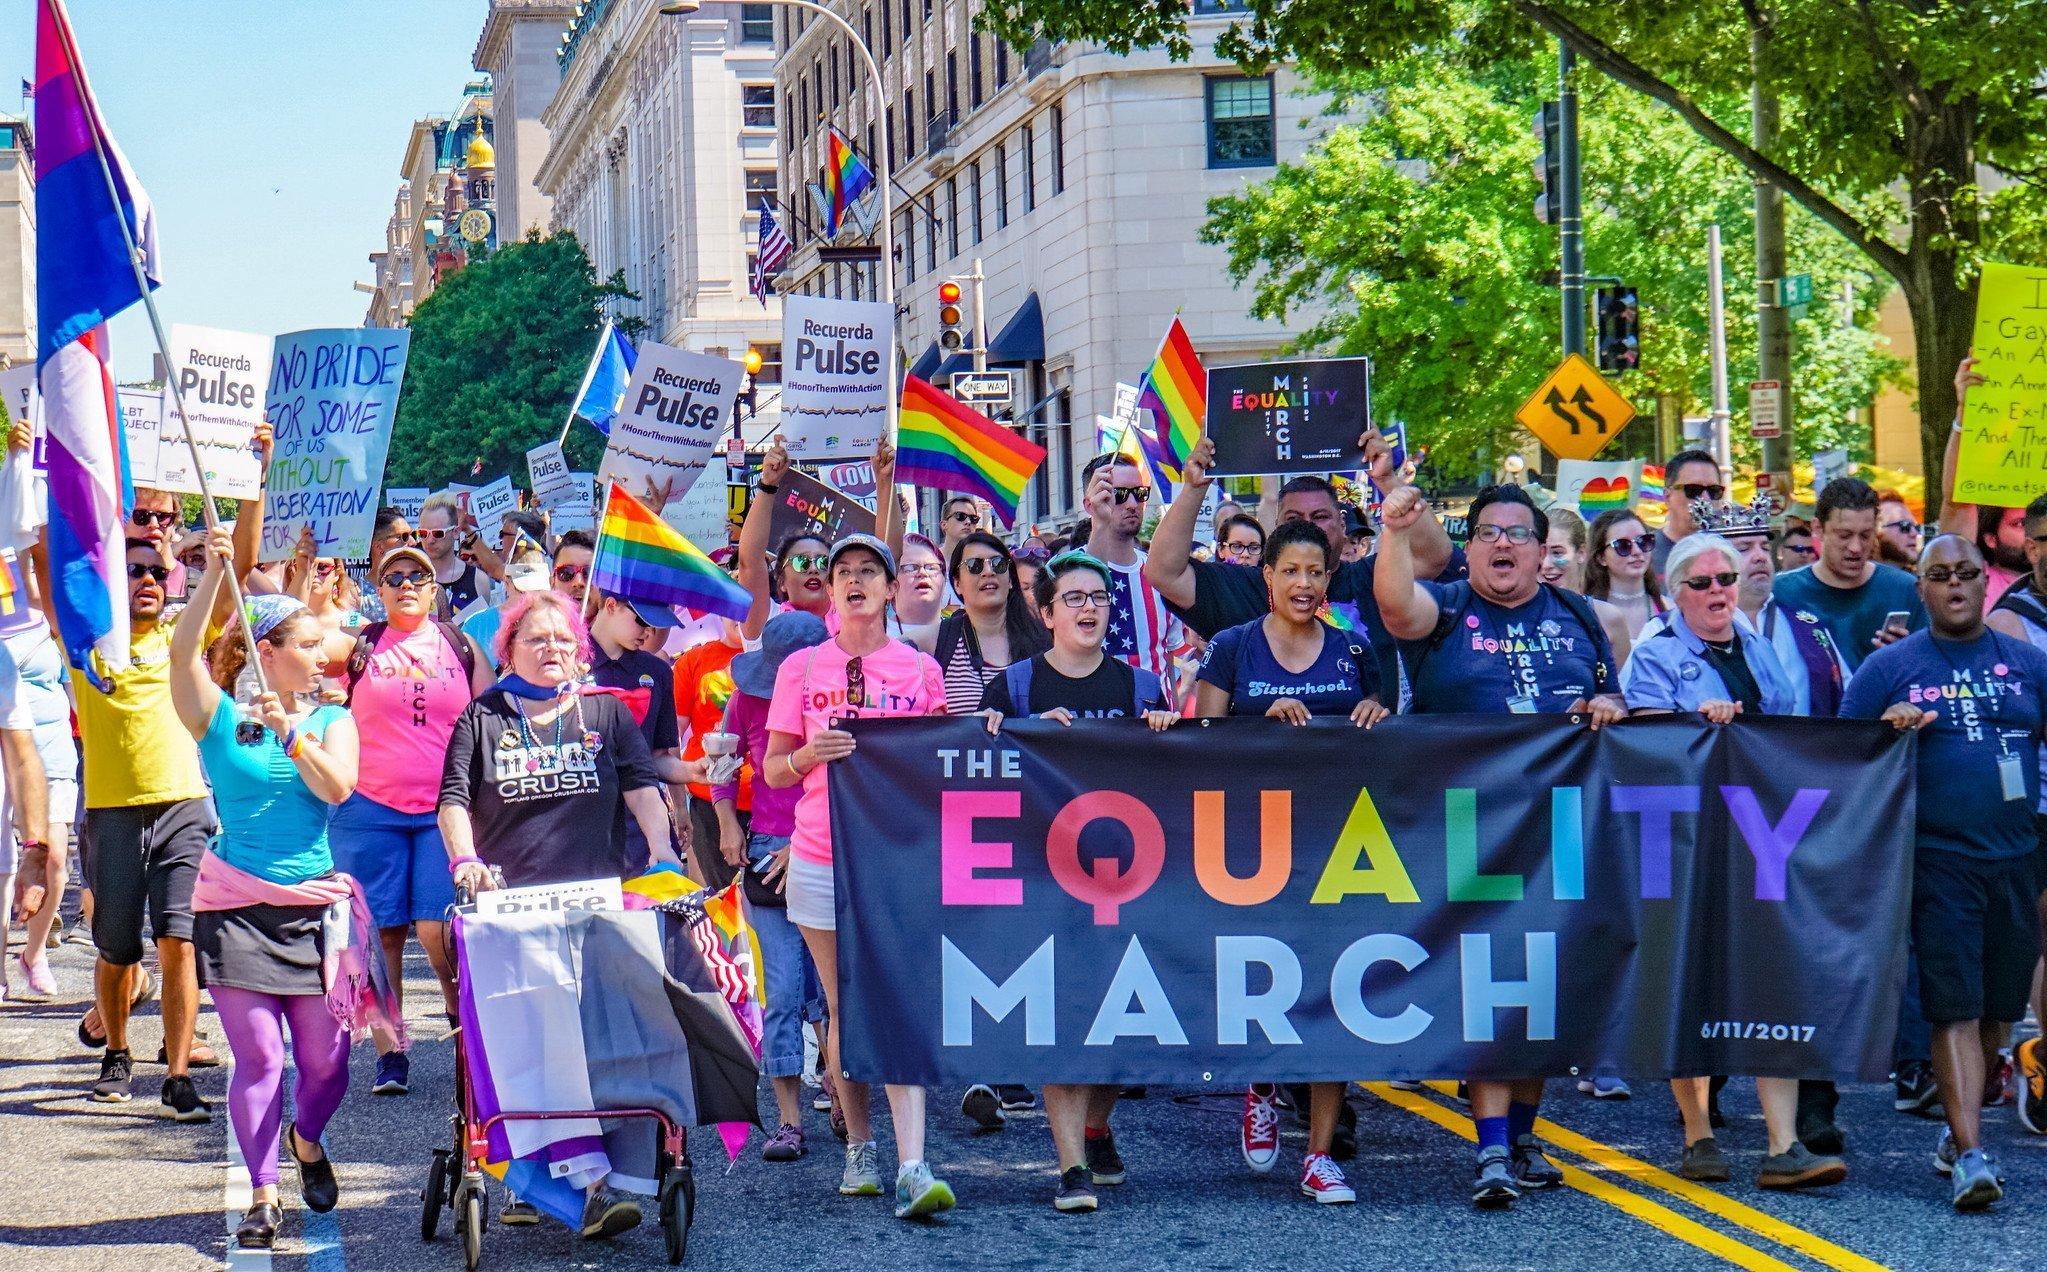 En junio, 11, 2017, la Marcha de la Igualdad movilizaron a las comunidades y aliados LGBTQ + para afirmar y proteger los derechos, la seguridad y la humanidad completa de LGBTQ +. (Foto: Ted Eytan)